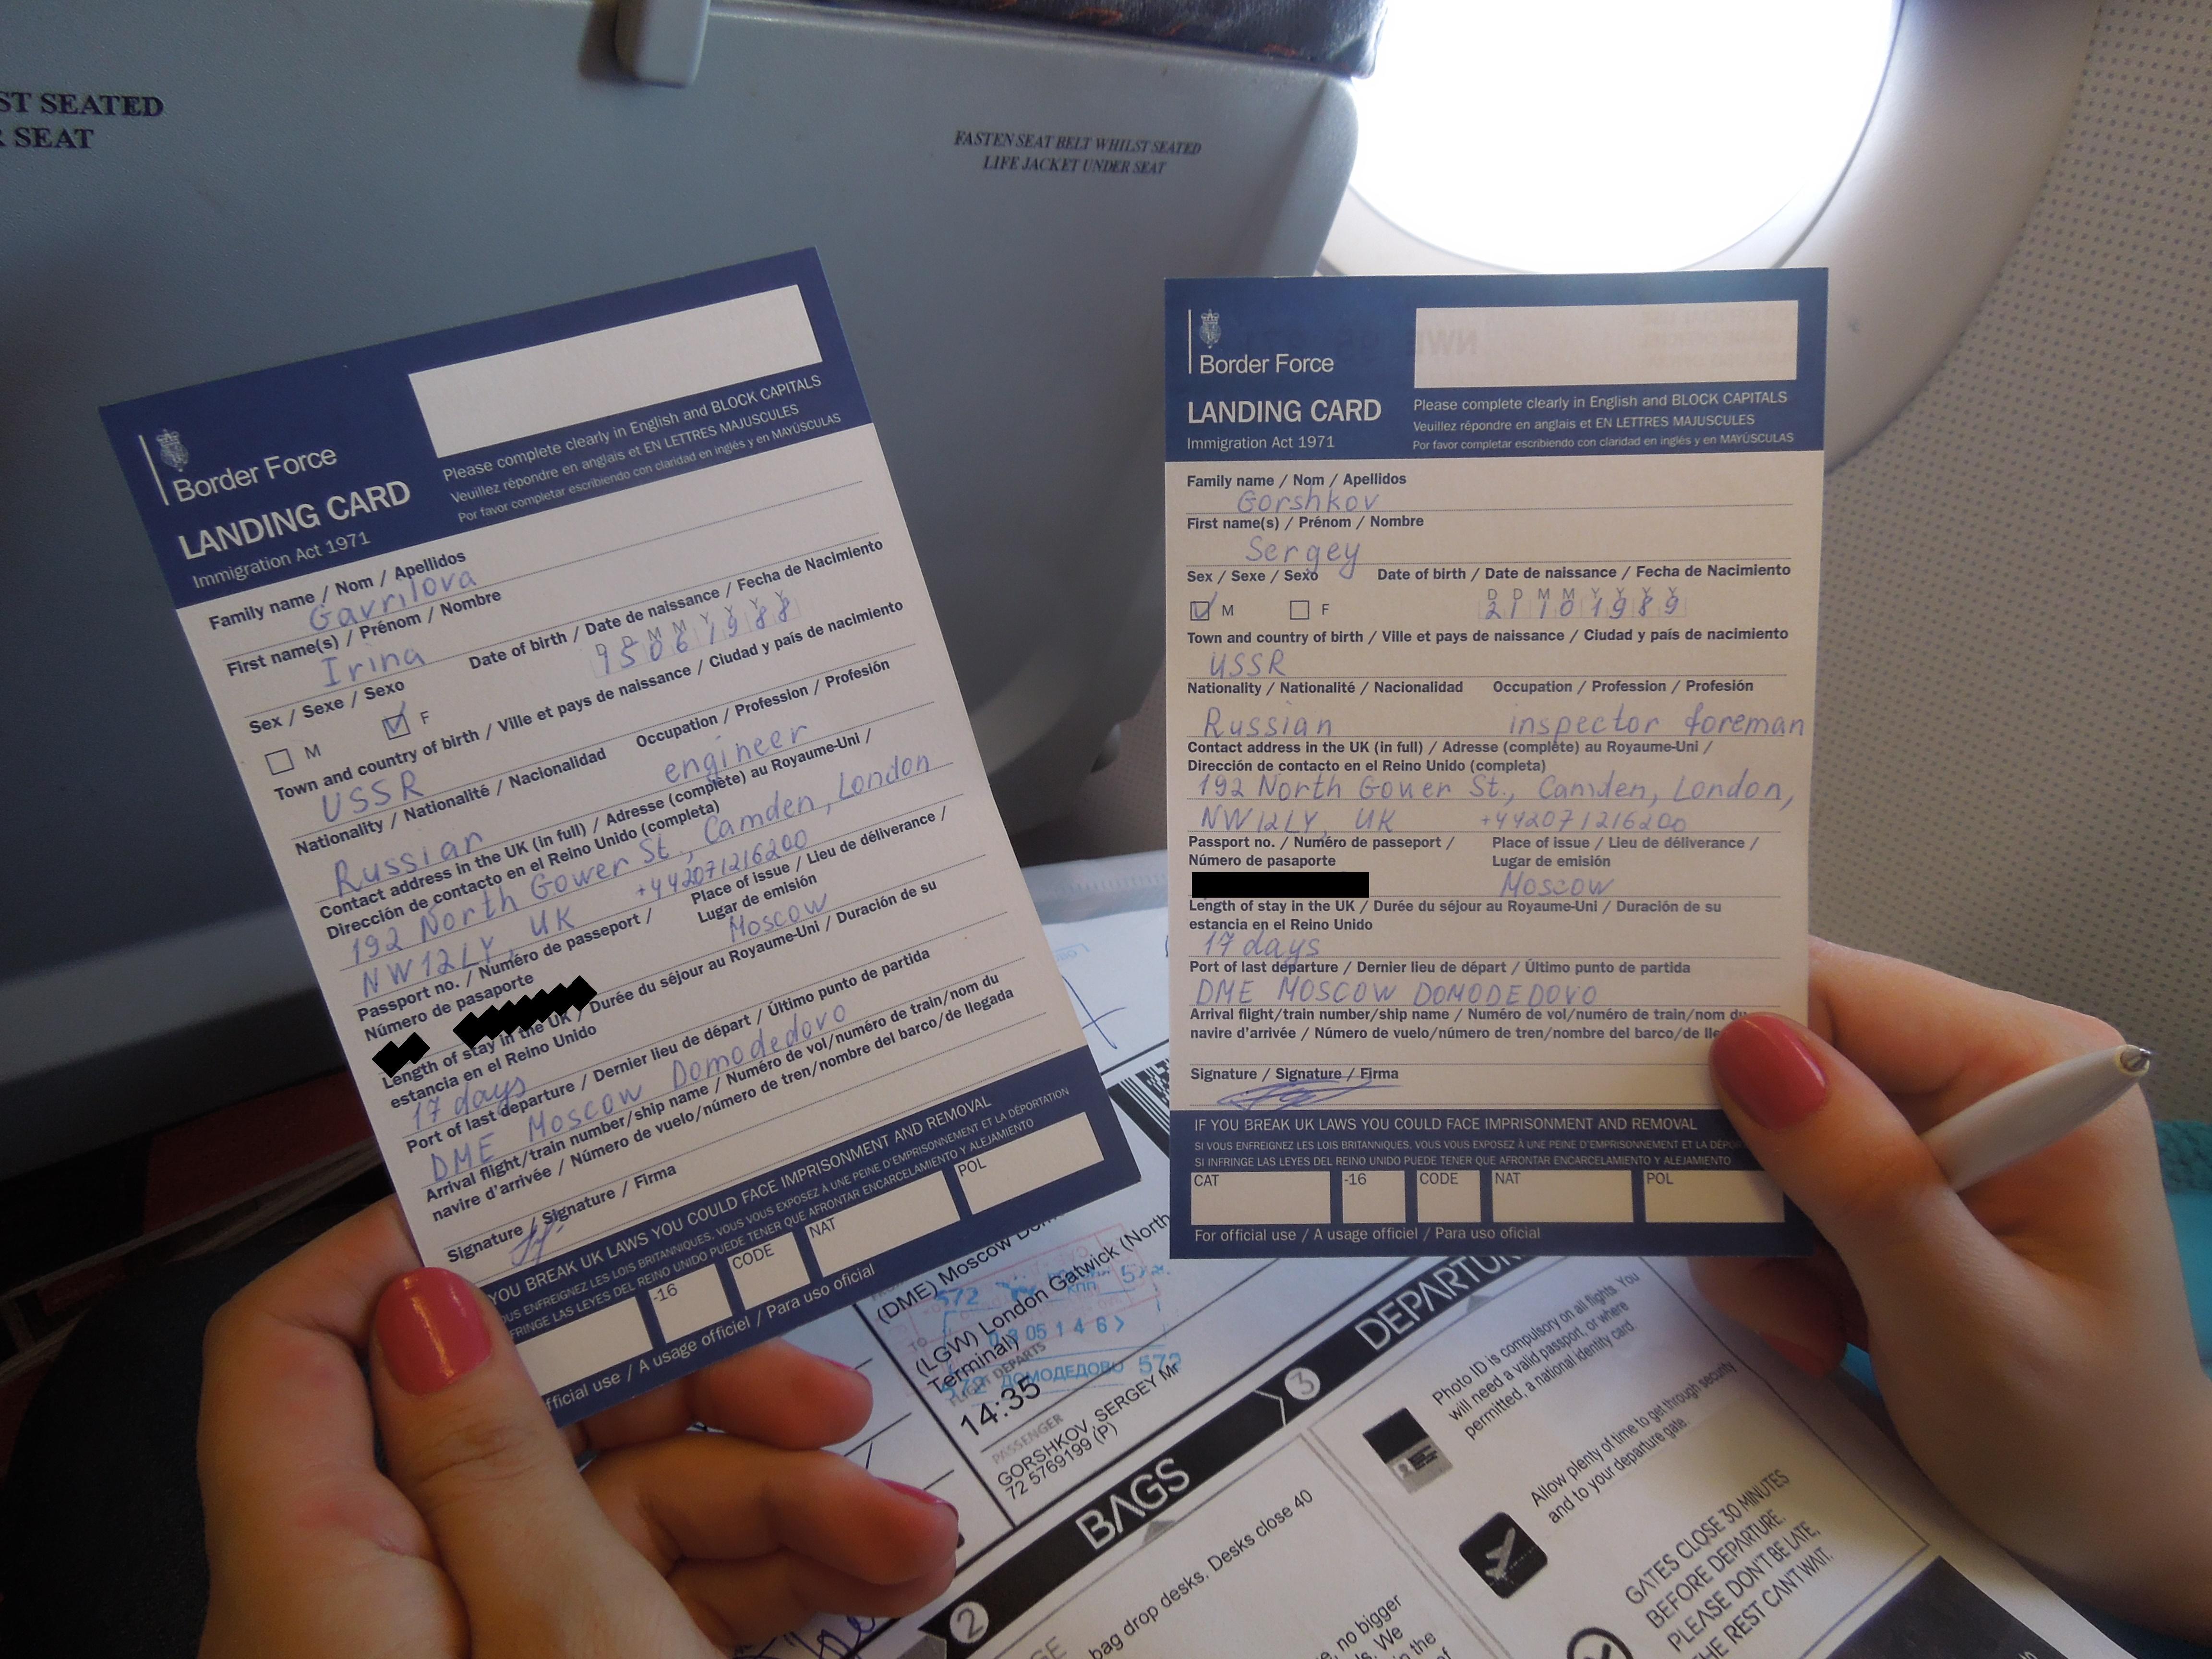 Правильно заполняем landing card в Великобританию